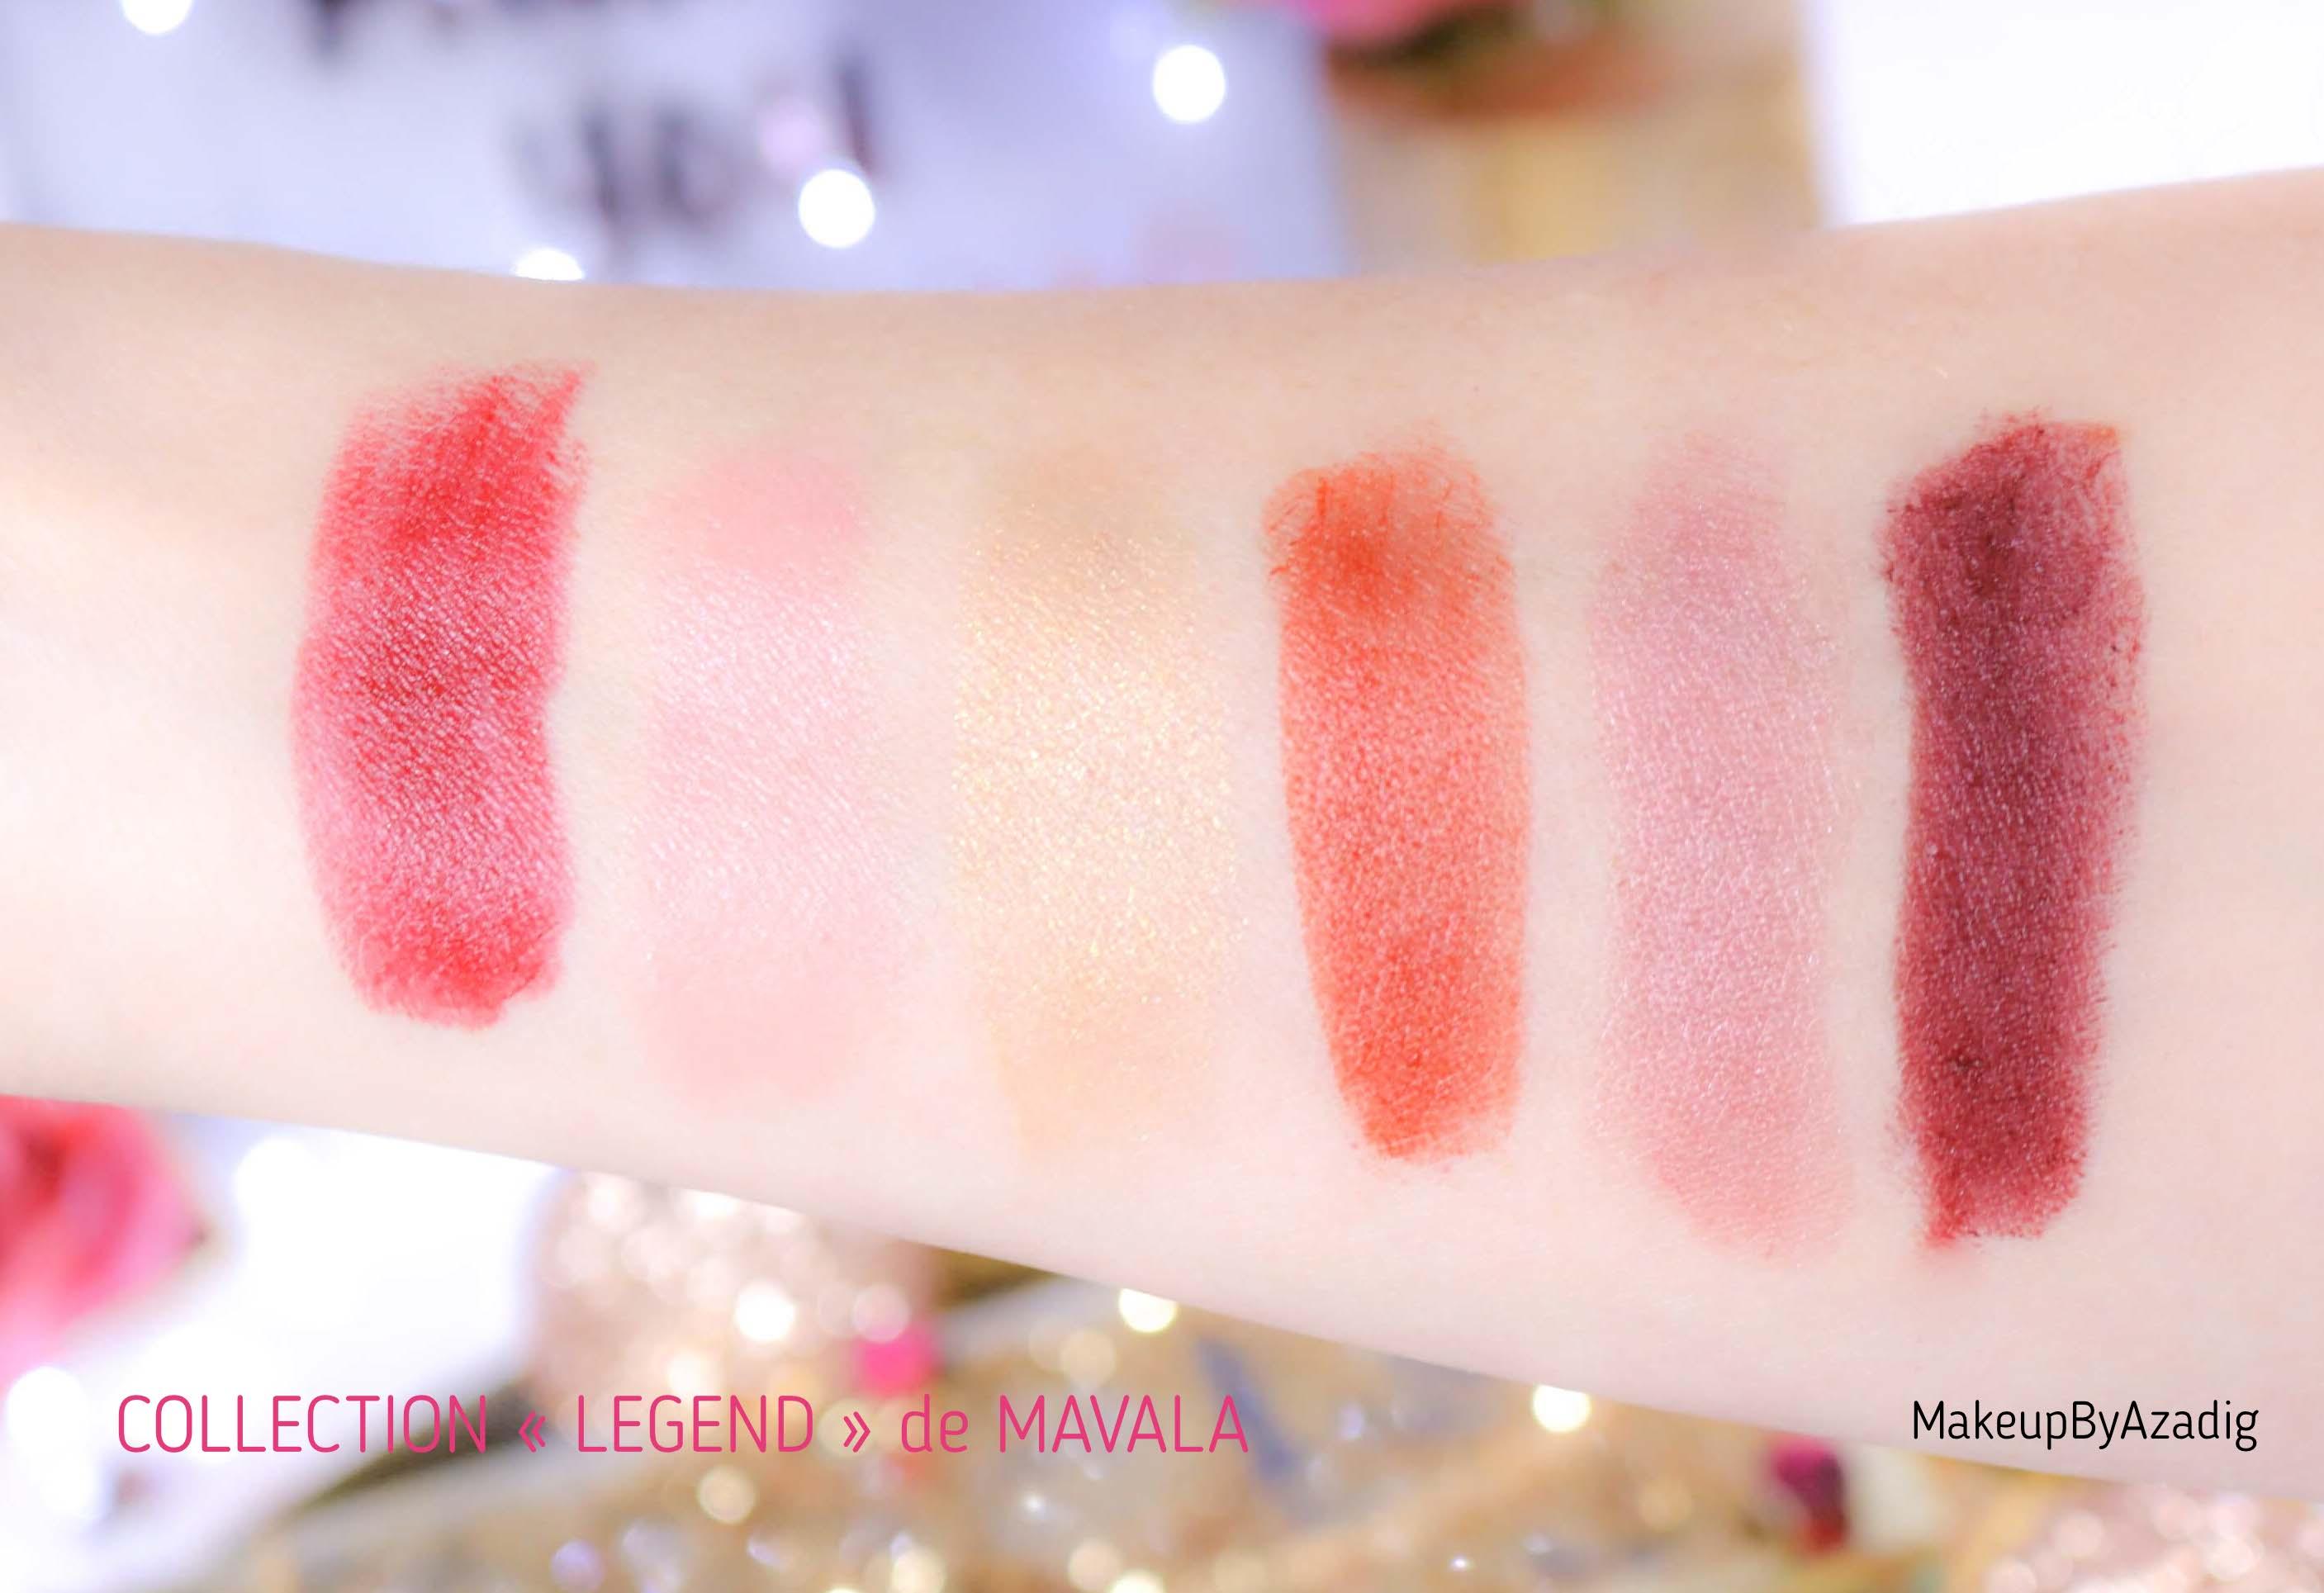 revue-rouge-levres-mavala-soin-monoprix-collection-legend-automne-hiver-rouge-bordeaux-dore-avis-prix-makeupbyazadig-swatches